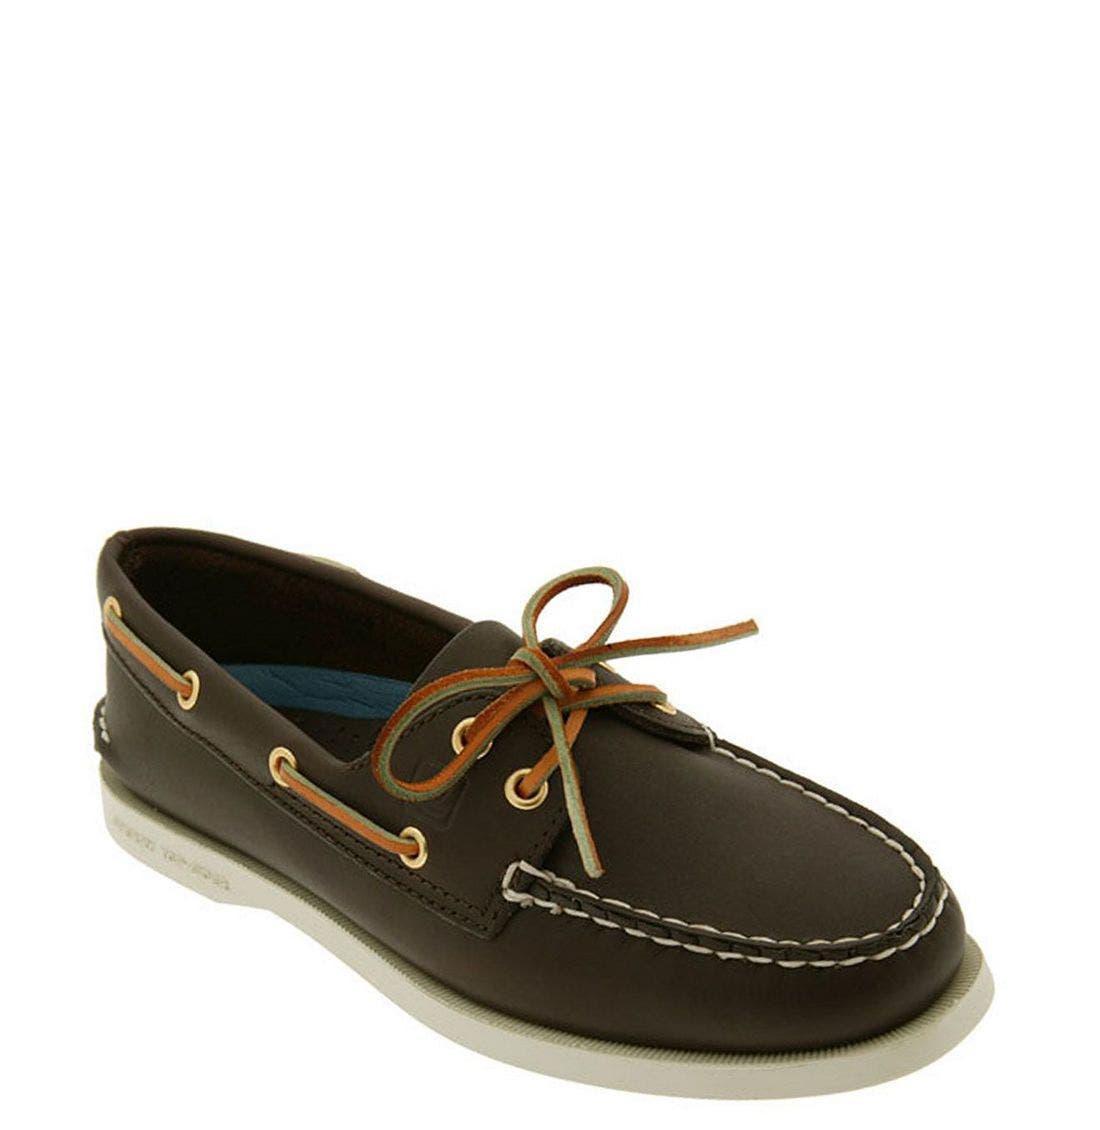 'Authentic Original' Boat Shoe,                             Main thumbnail 1, color,                             Brown